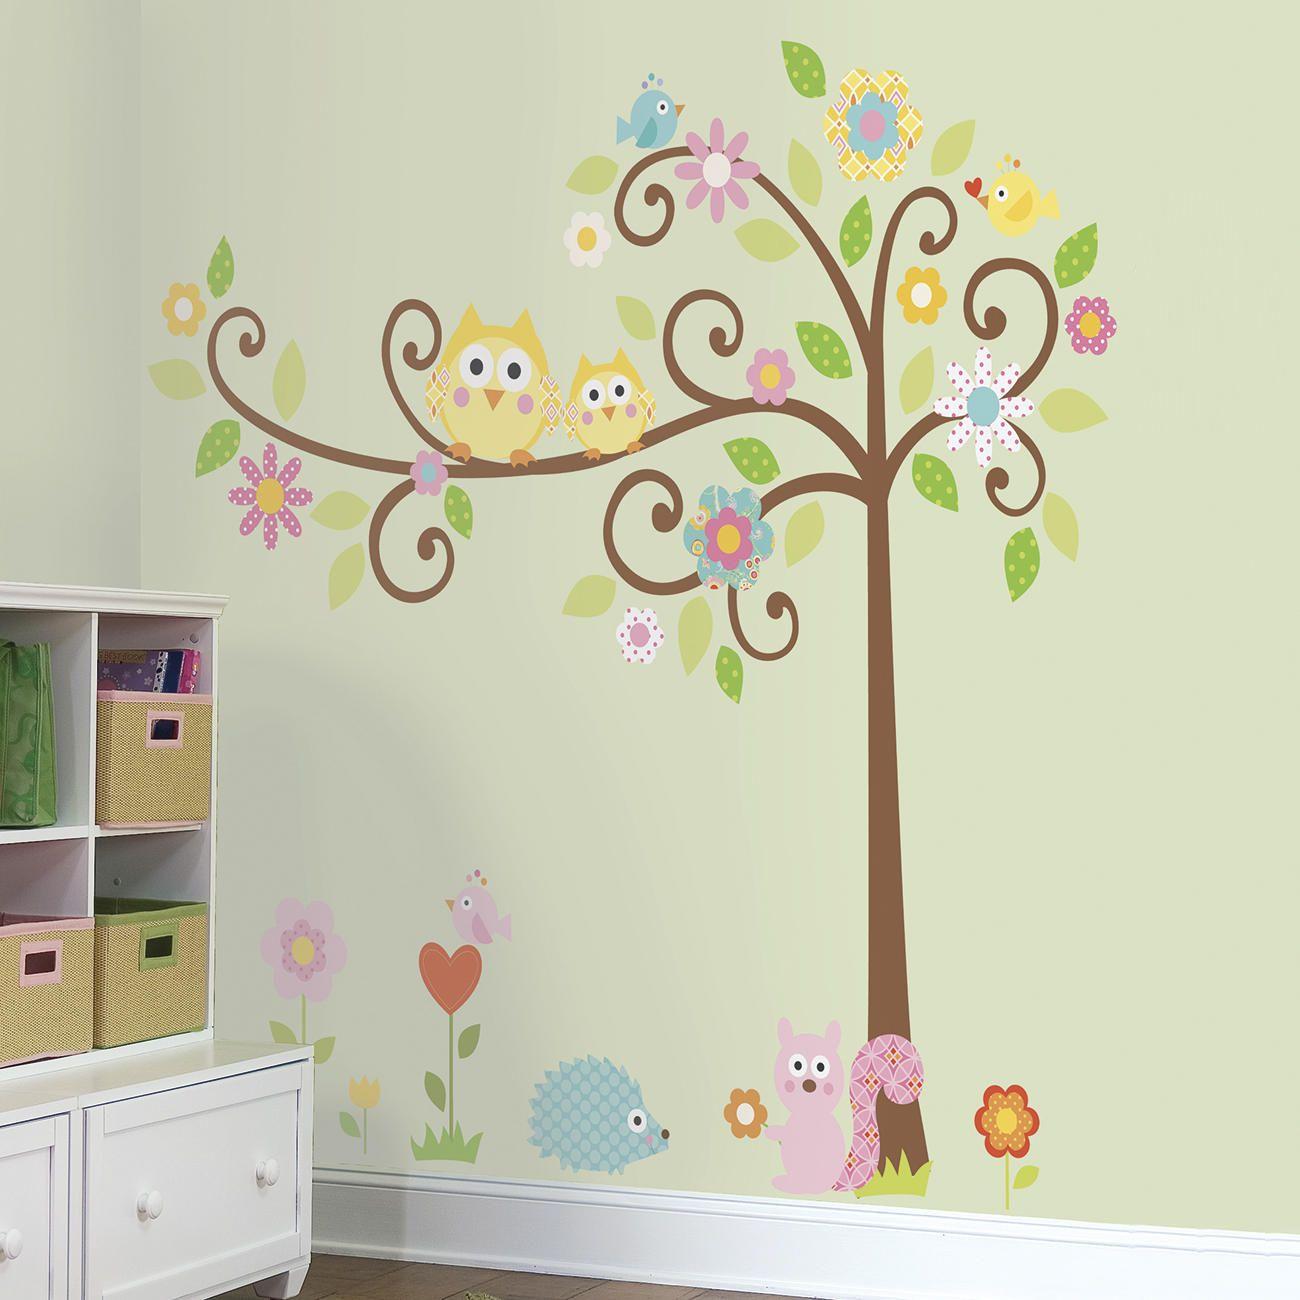 Hochwertige Wanddekore der Marke RoomMates Wandtattoo